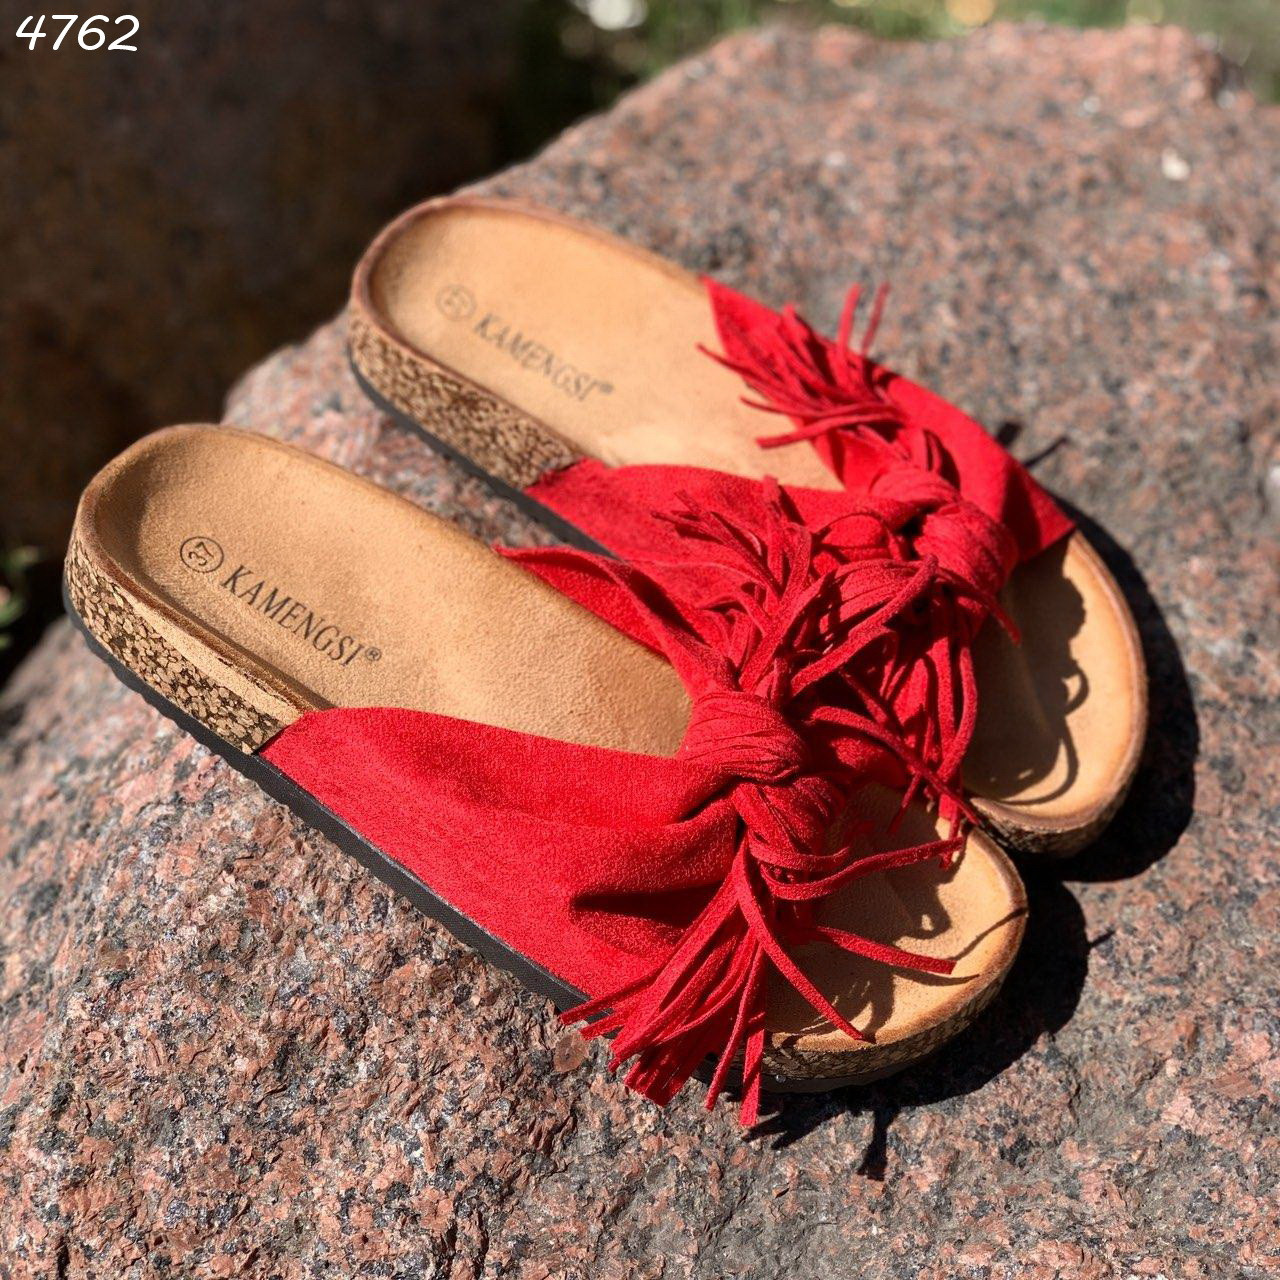 39 р. Шлепки шлепанцы женские красные замшевые на низком ходу плоской подошве из искусственной замши